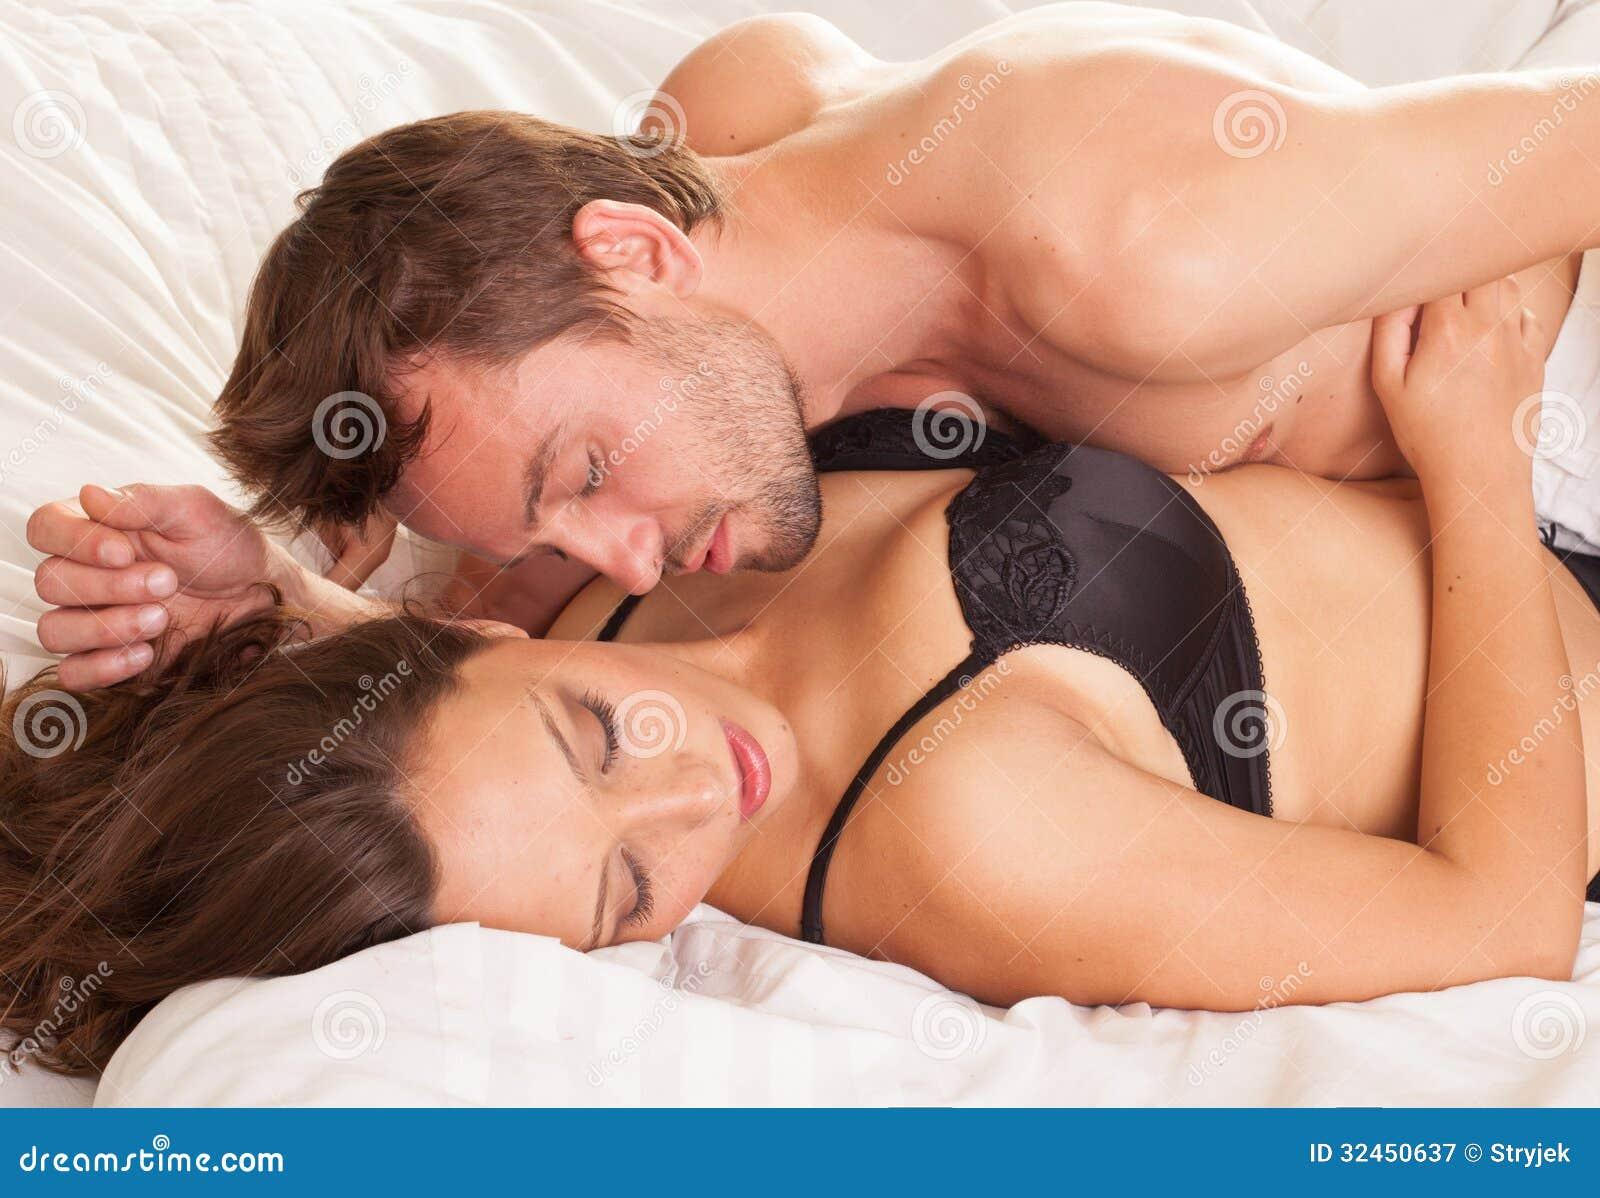 Women Fucking In Bed 47